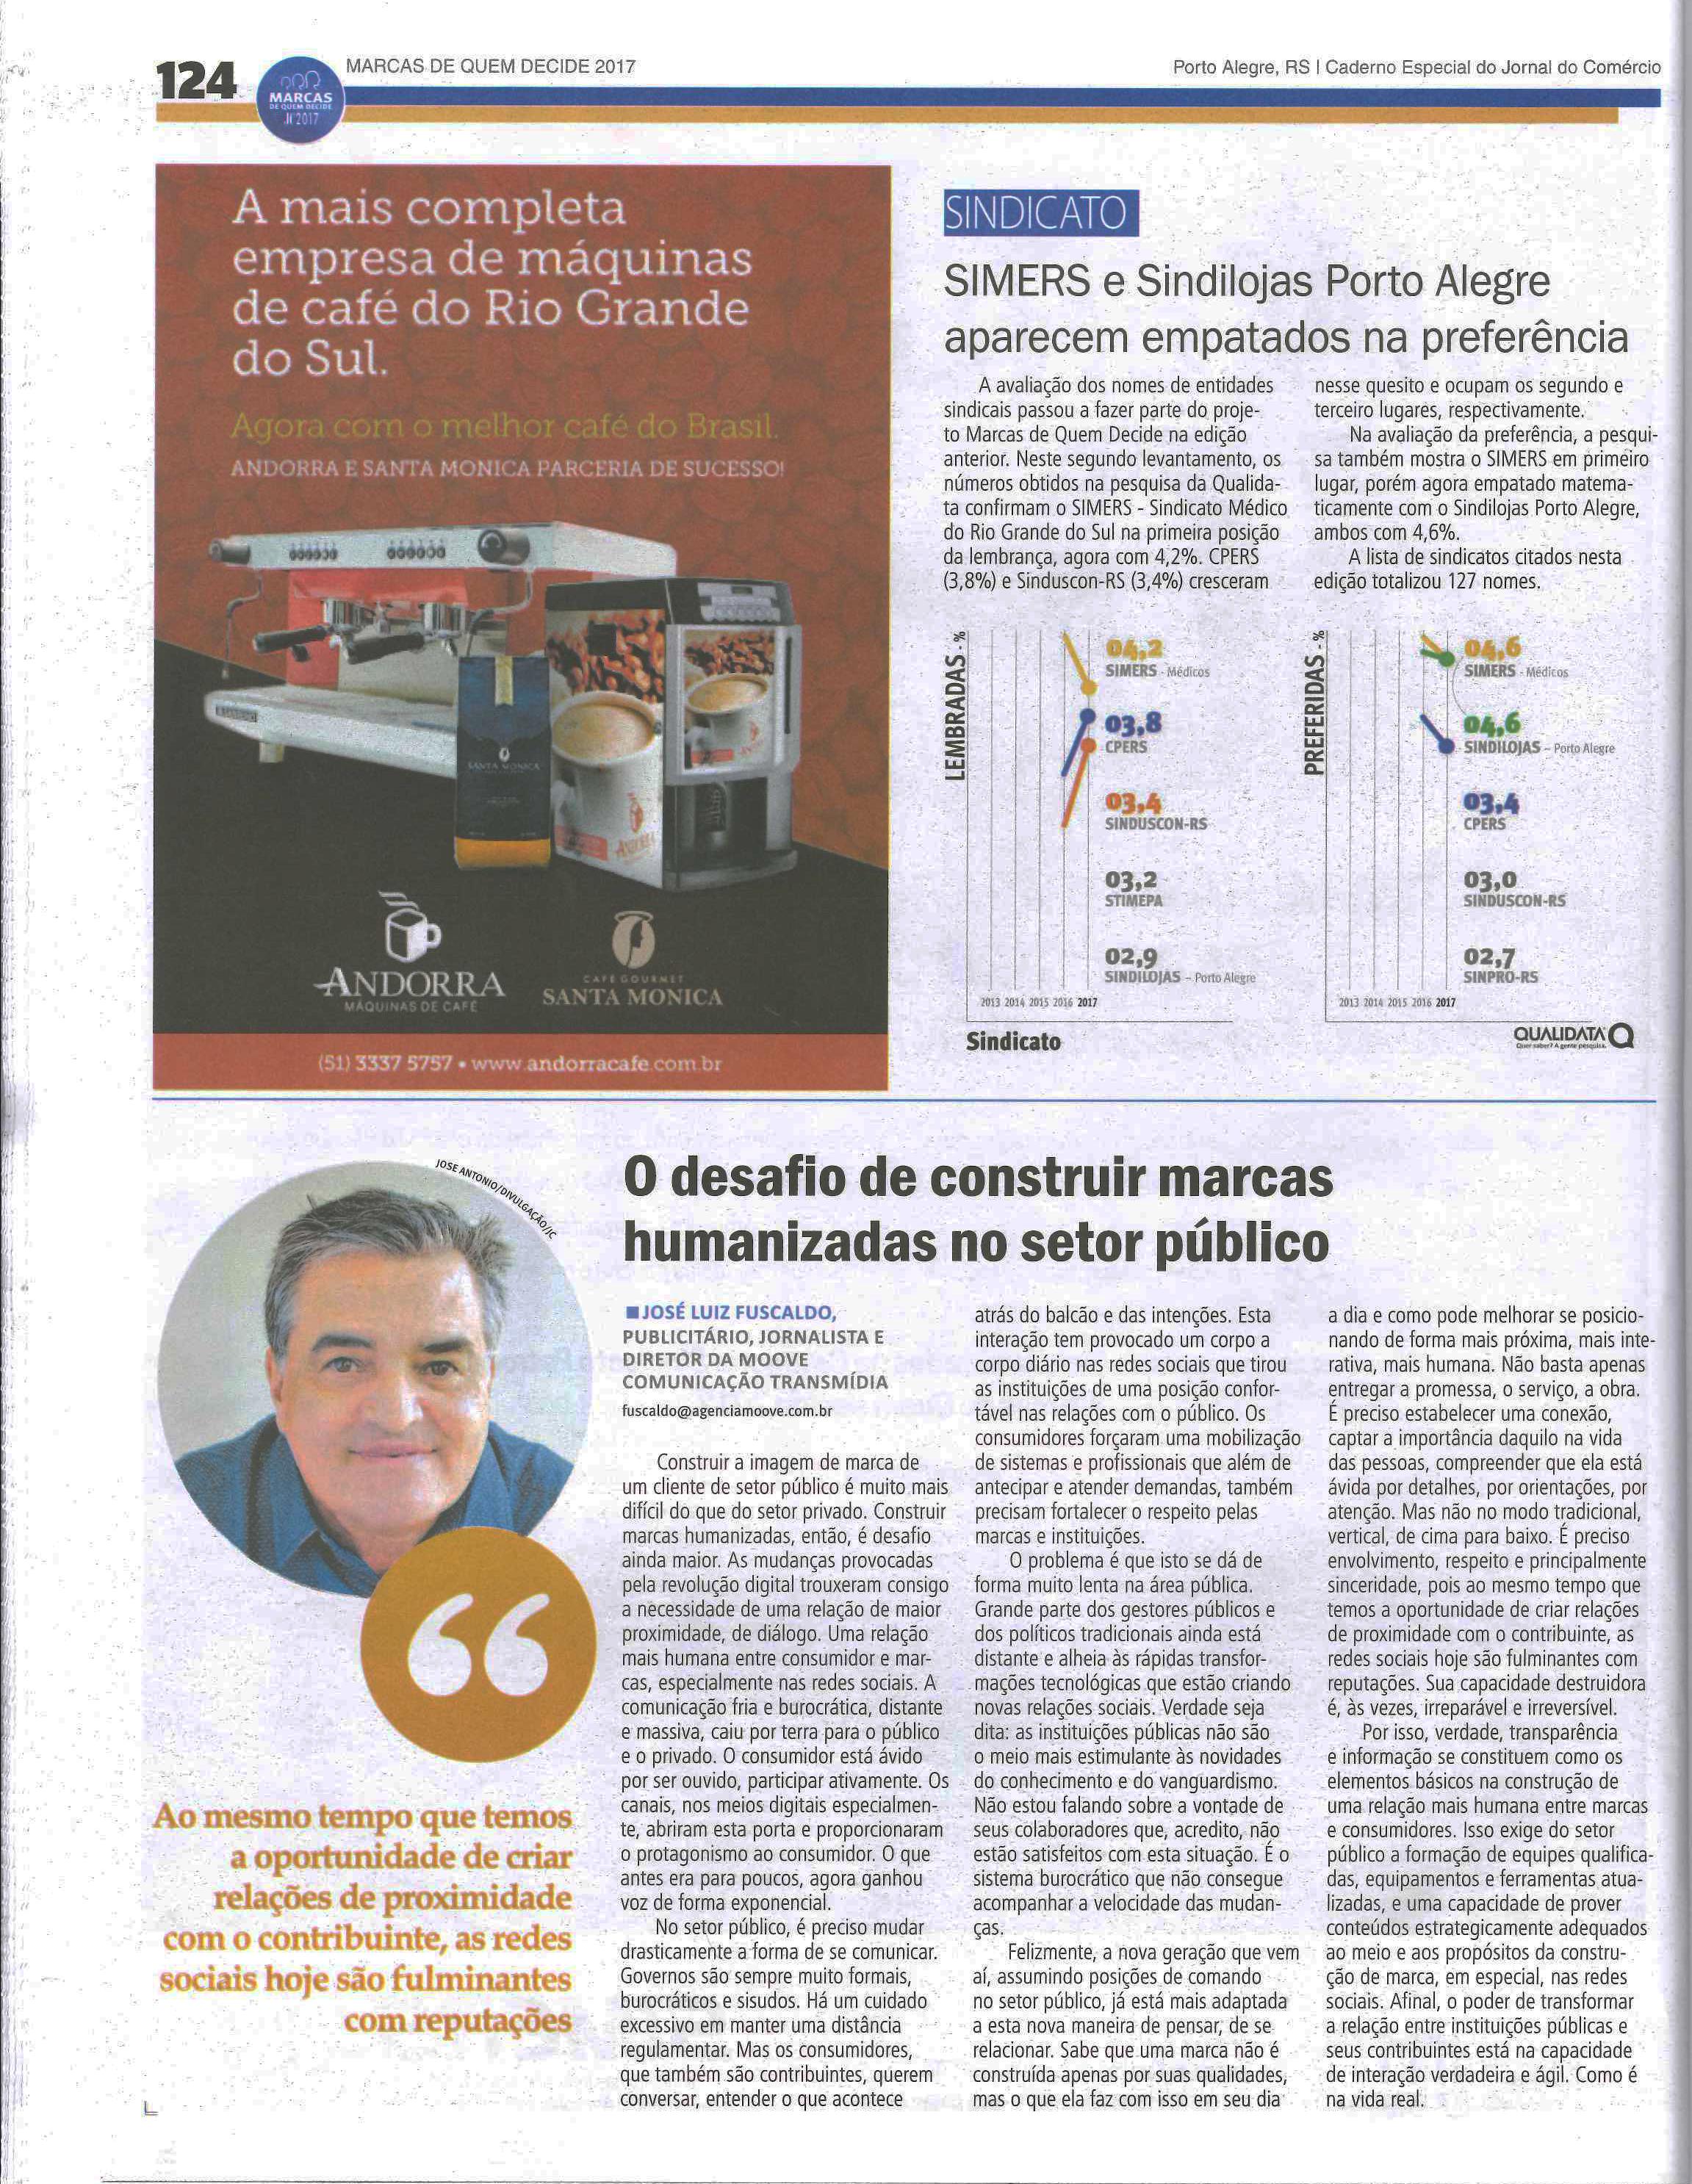 Nota Fuscaldo Jornal do Comércio